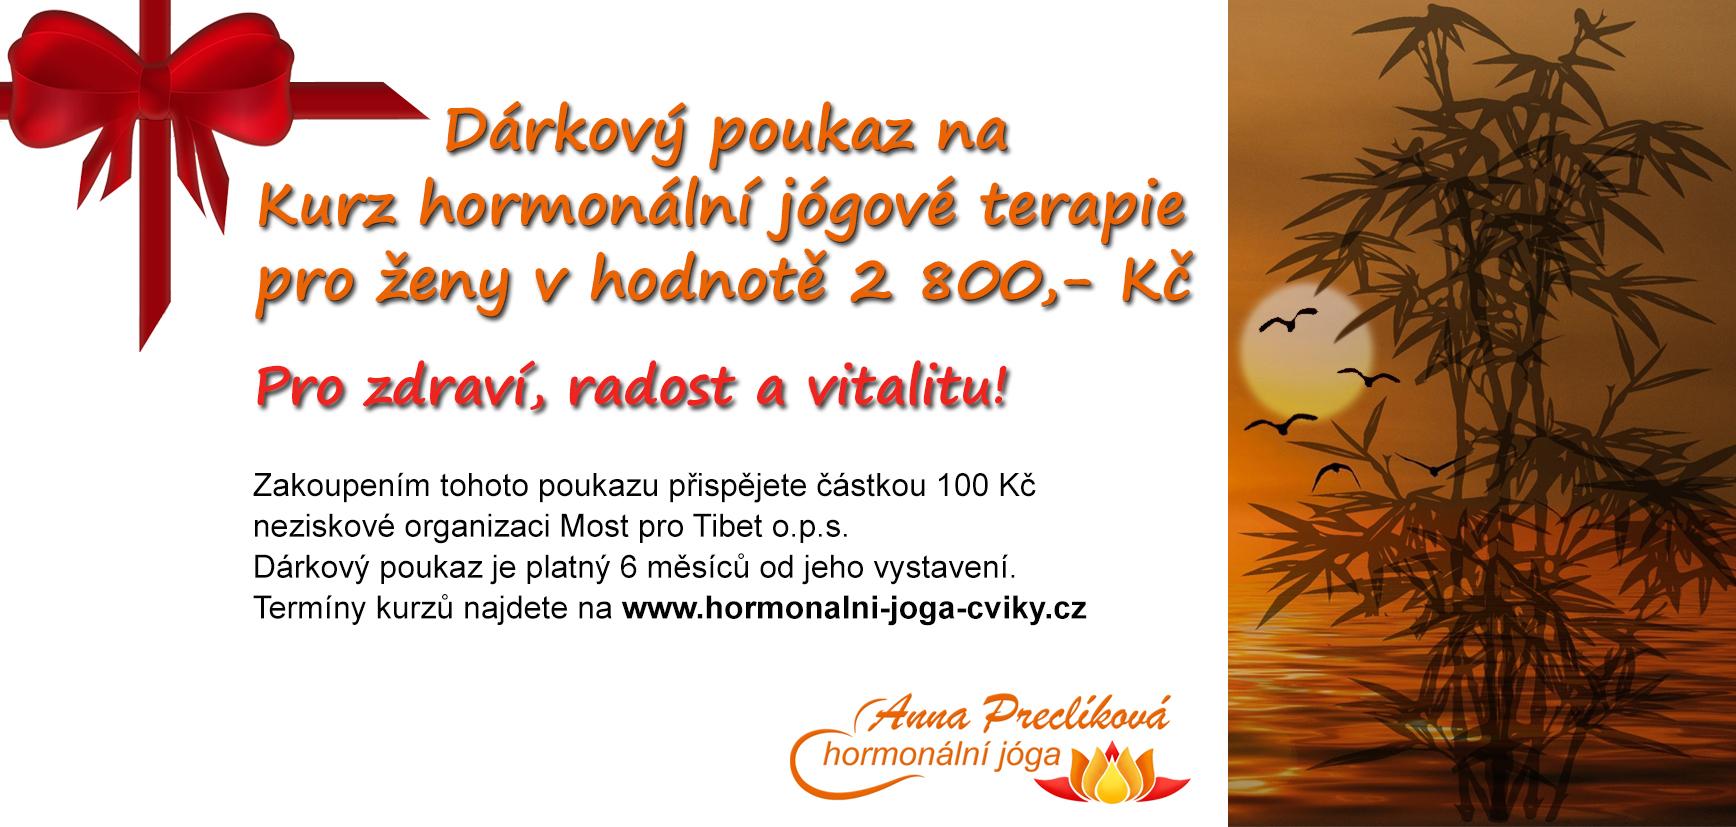 Dárkový poukaz hormonální jógy